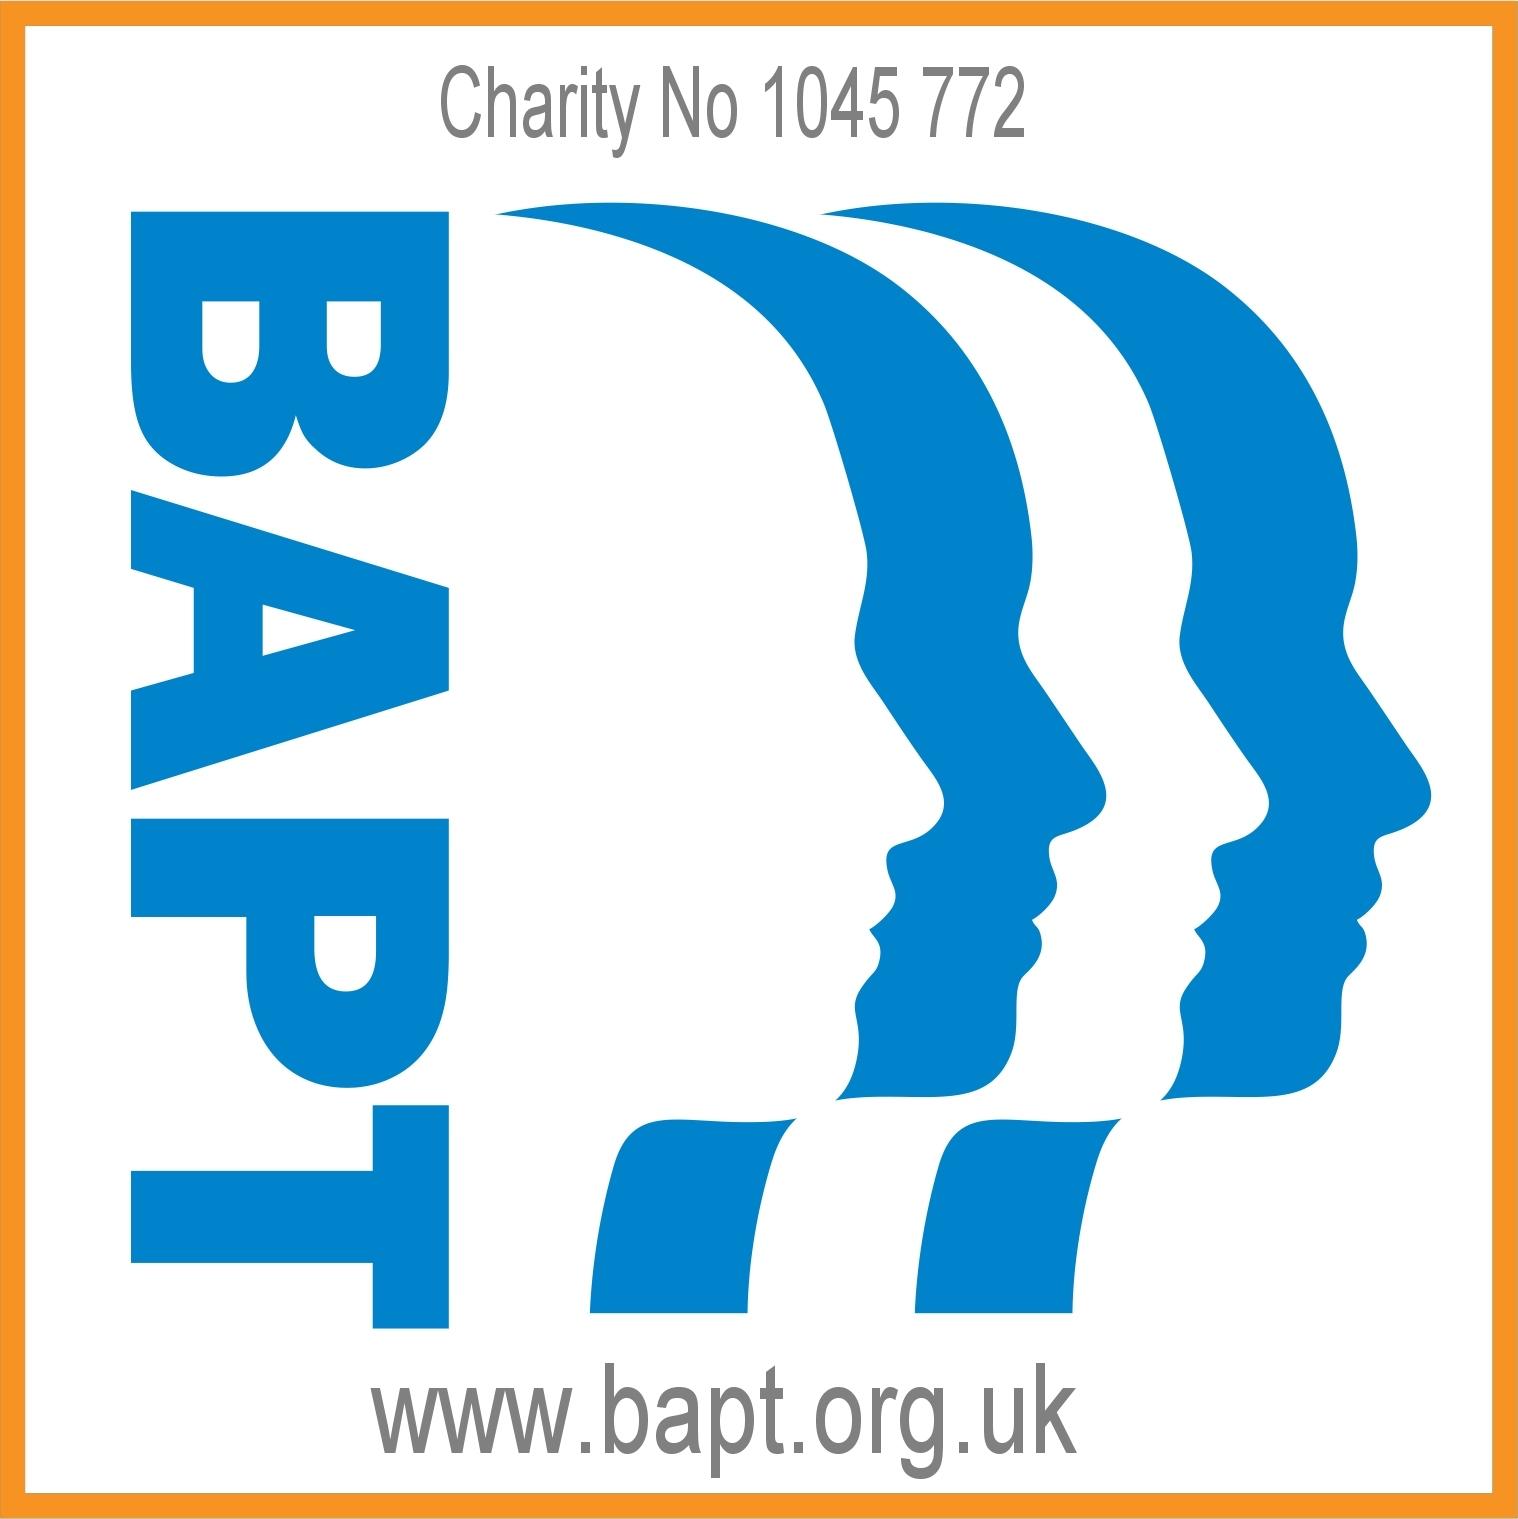 BAPT_logo_offsite.jpg